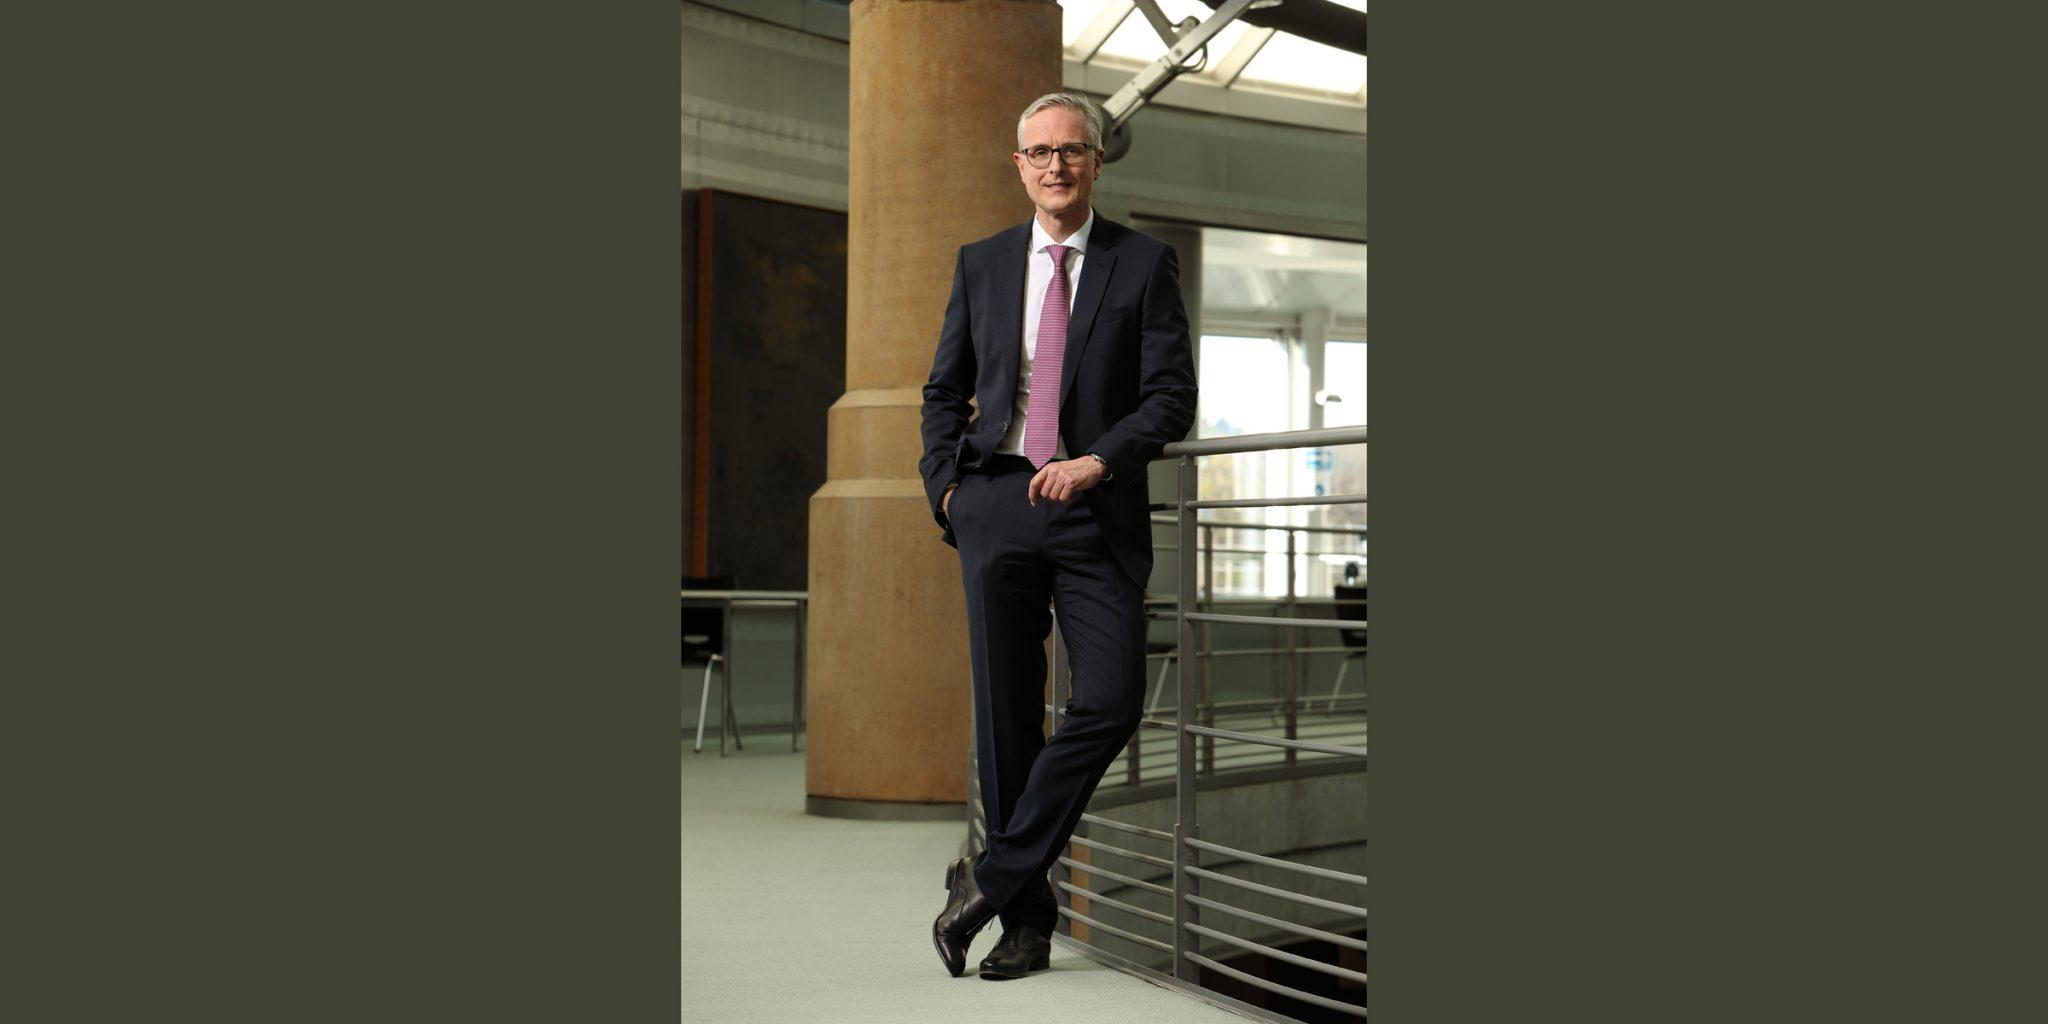 Ganzkörperportrait in Farbe von einem Mann in elegantem Business-Anzug, der lässig am Stahlgeländer einer modernen Treppe, im inneren eines Gebäudes (Deutsche Bank Luxemburg), posiert.